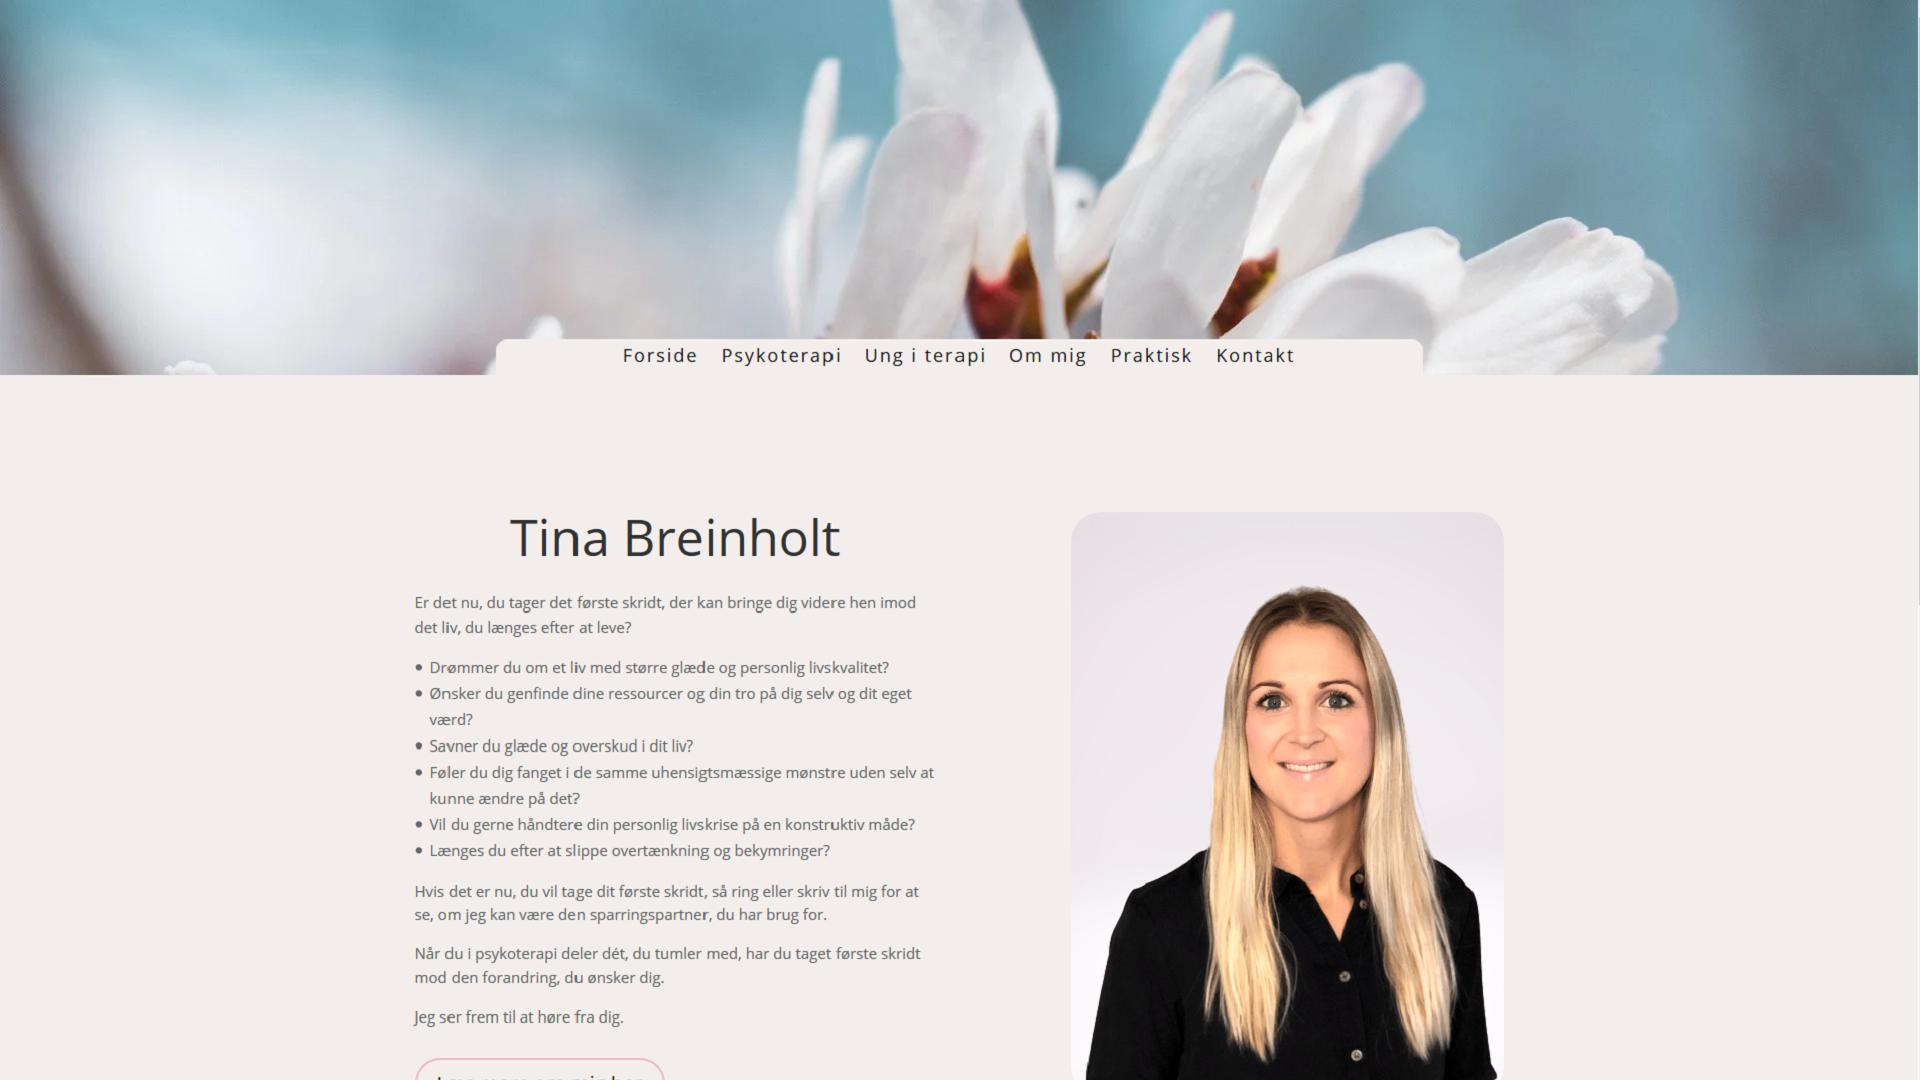 Tina Breinholt Psykoterapi